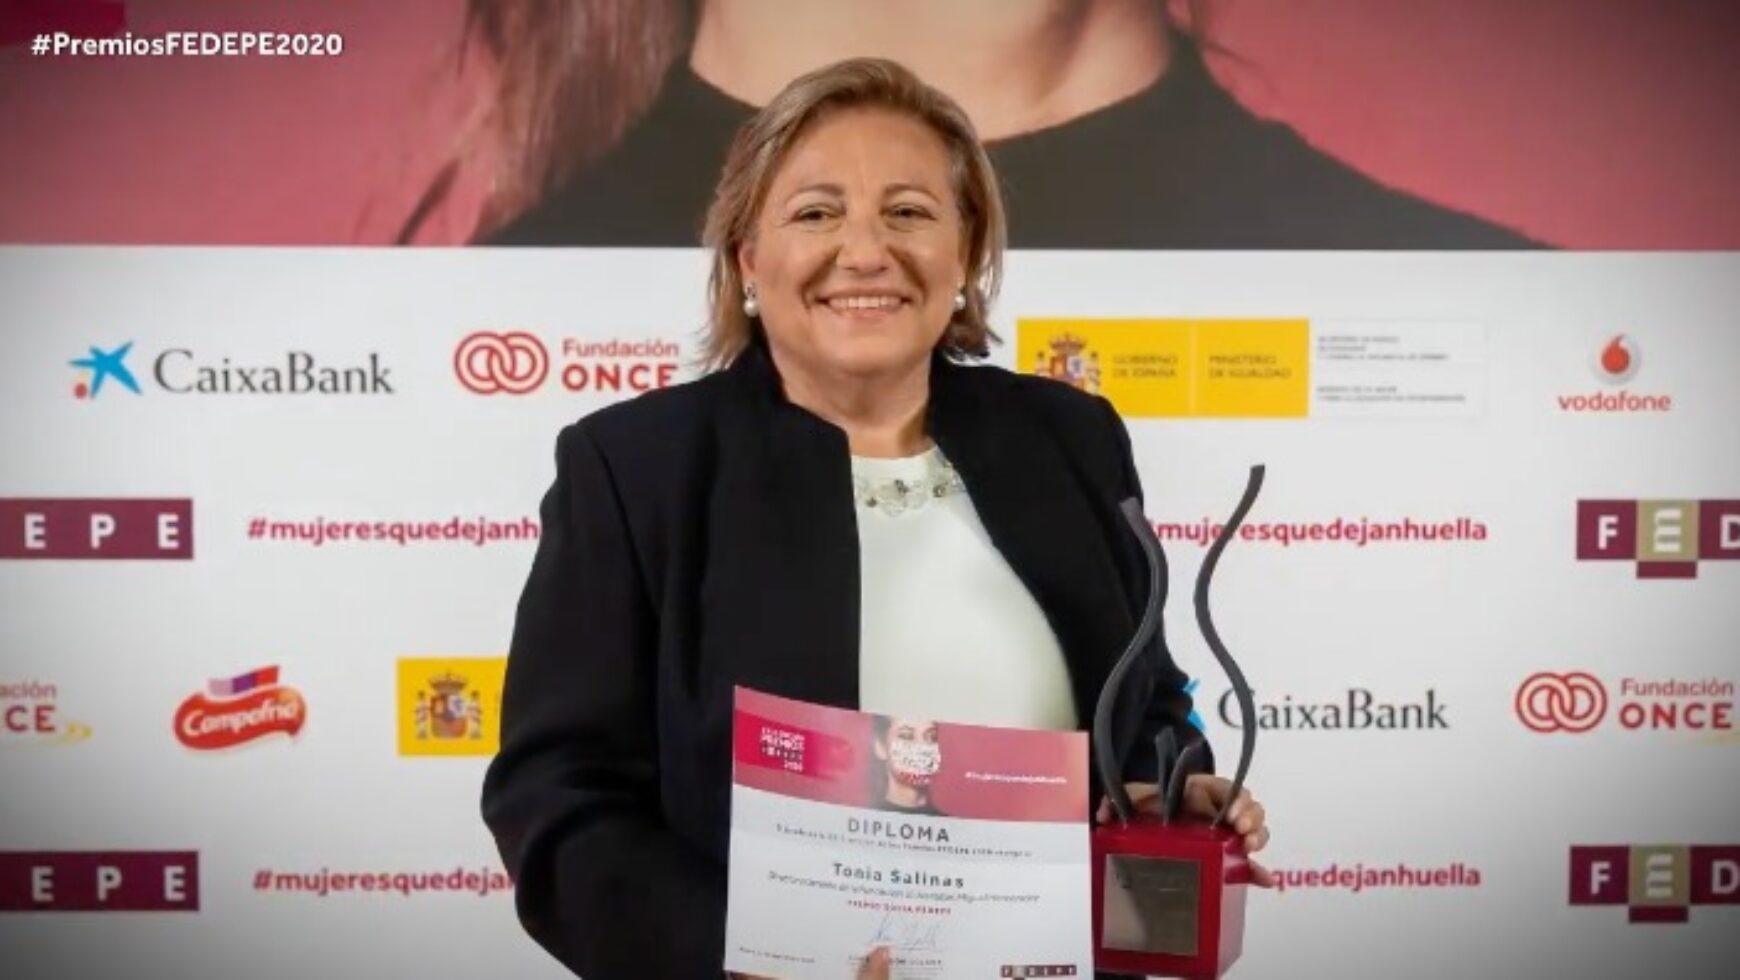 Tonia Salinas Miralles, recibe el premio FEDEPE a la asociada.